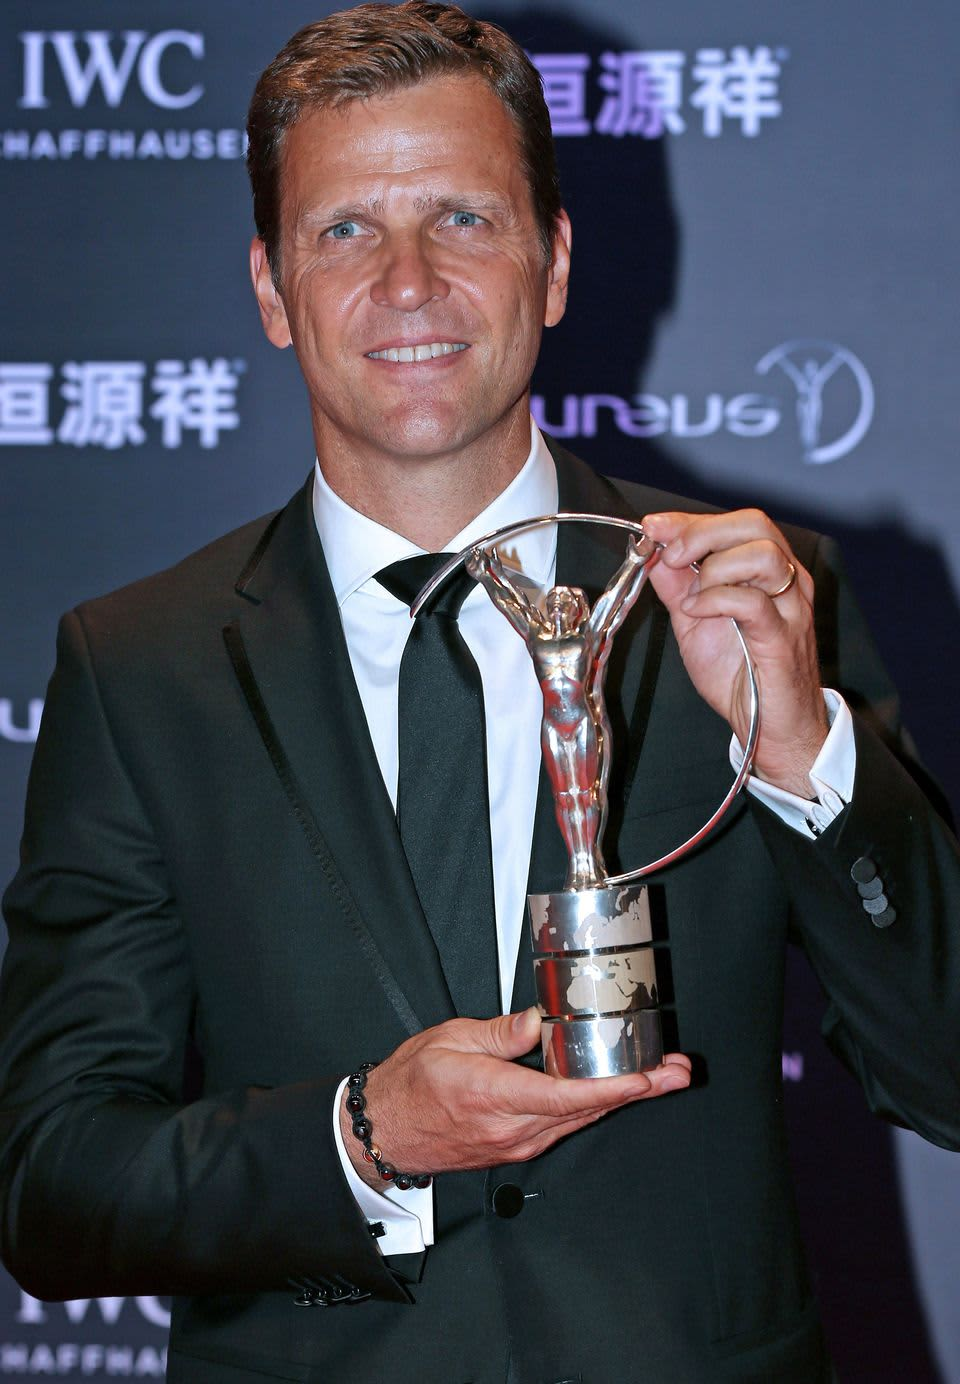 Saksan jalkapallomaajoukkueen manageri Oliver Bierhoff vastaanotti palkinnon joukkueen puolesta.